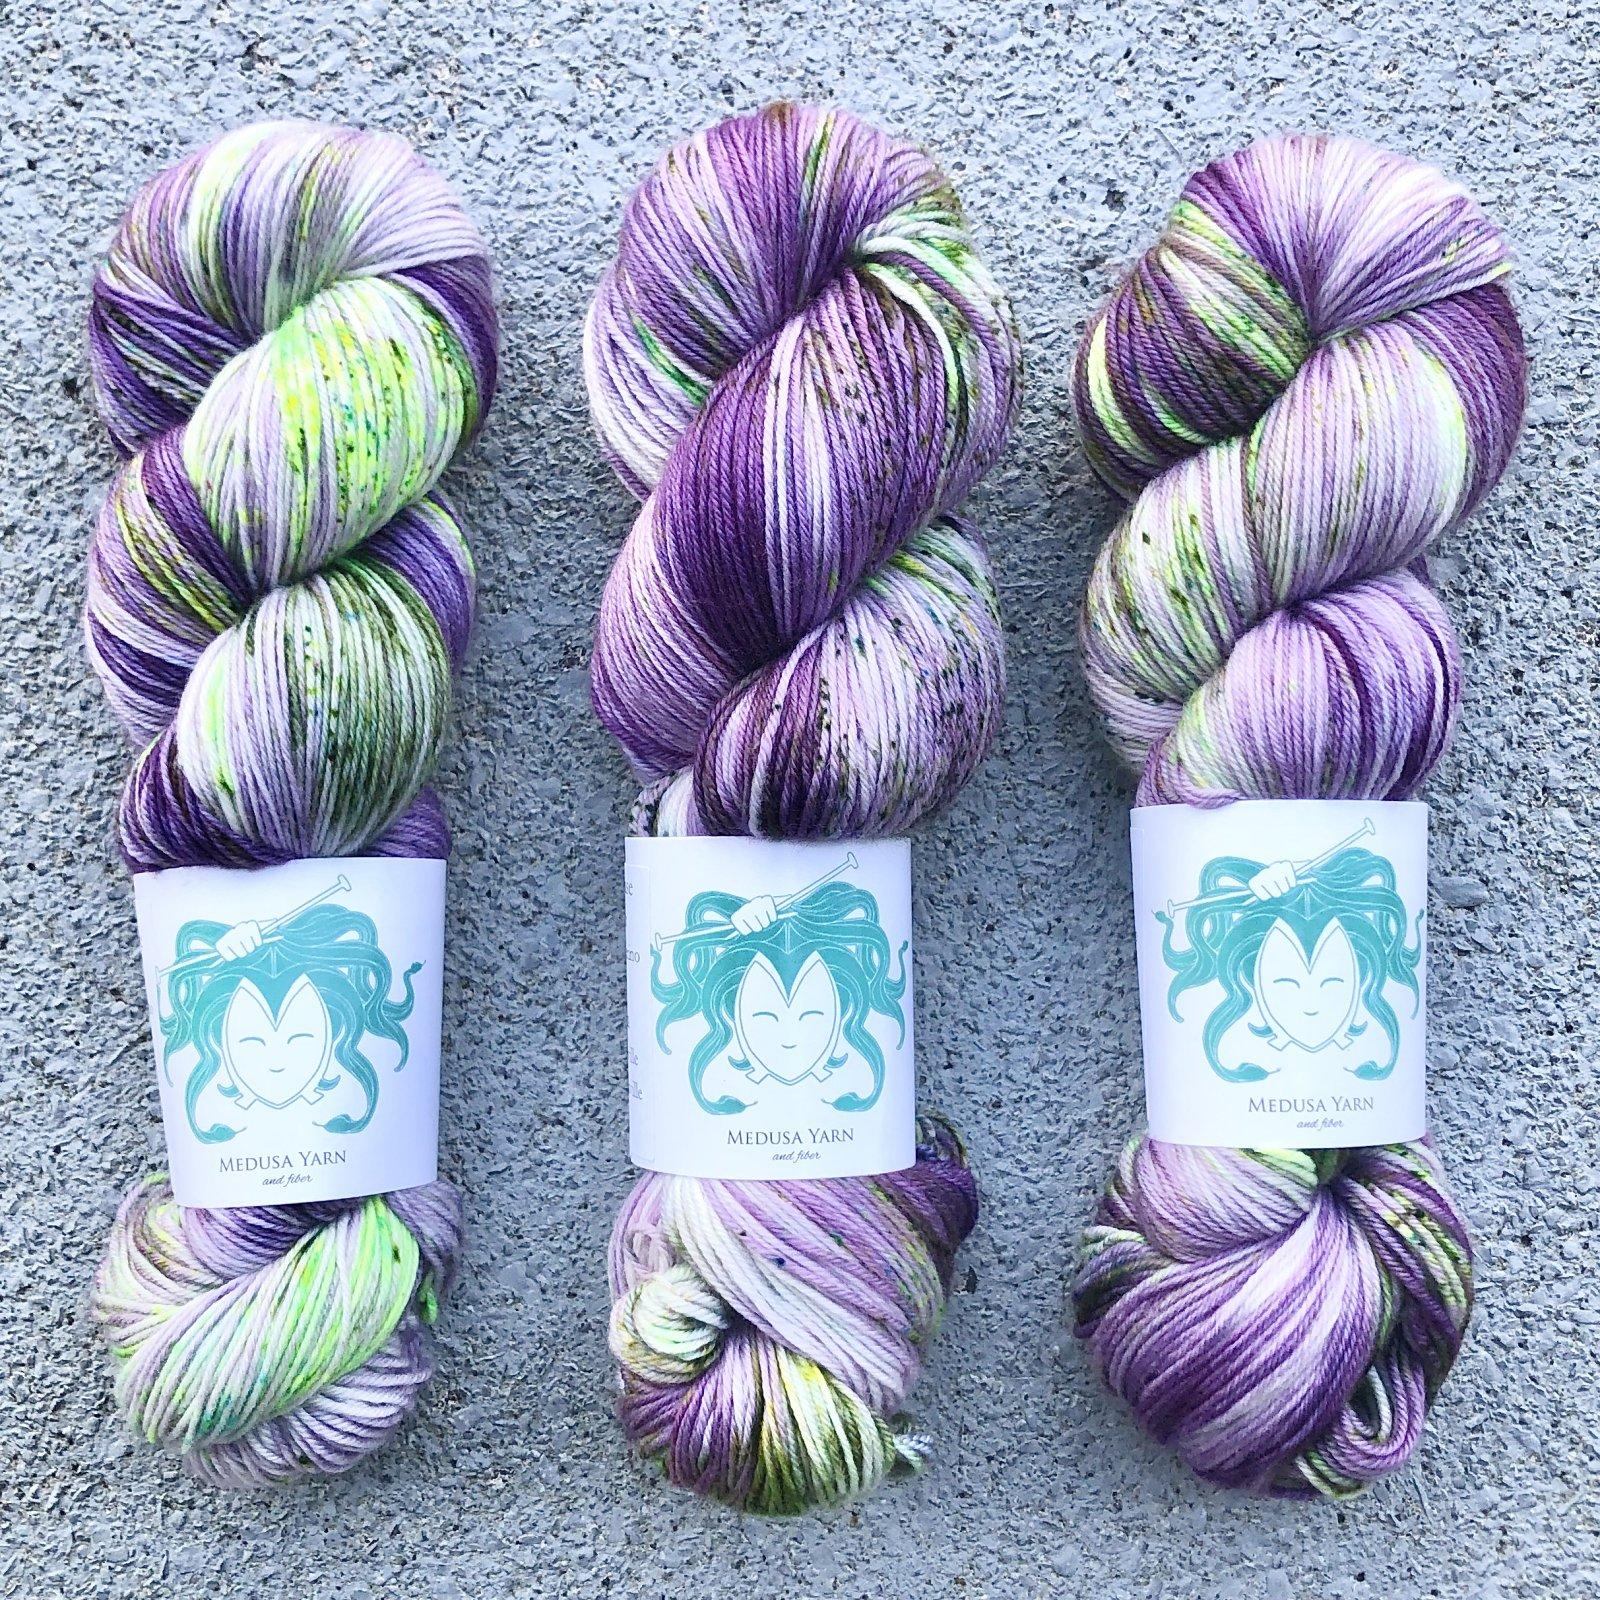 Medusa Yarn Exclusive Custom Colorway